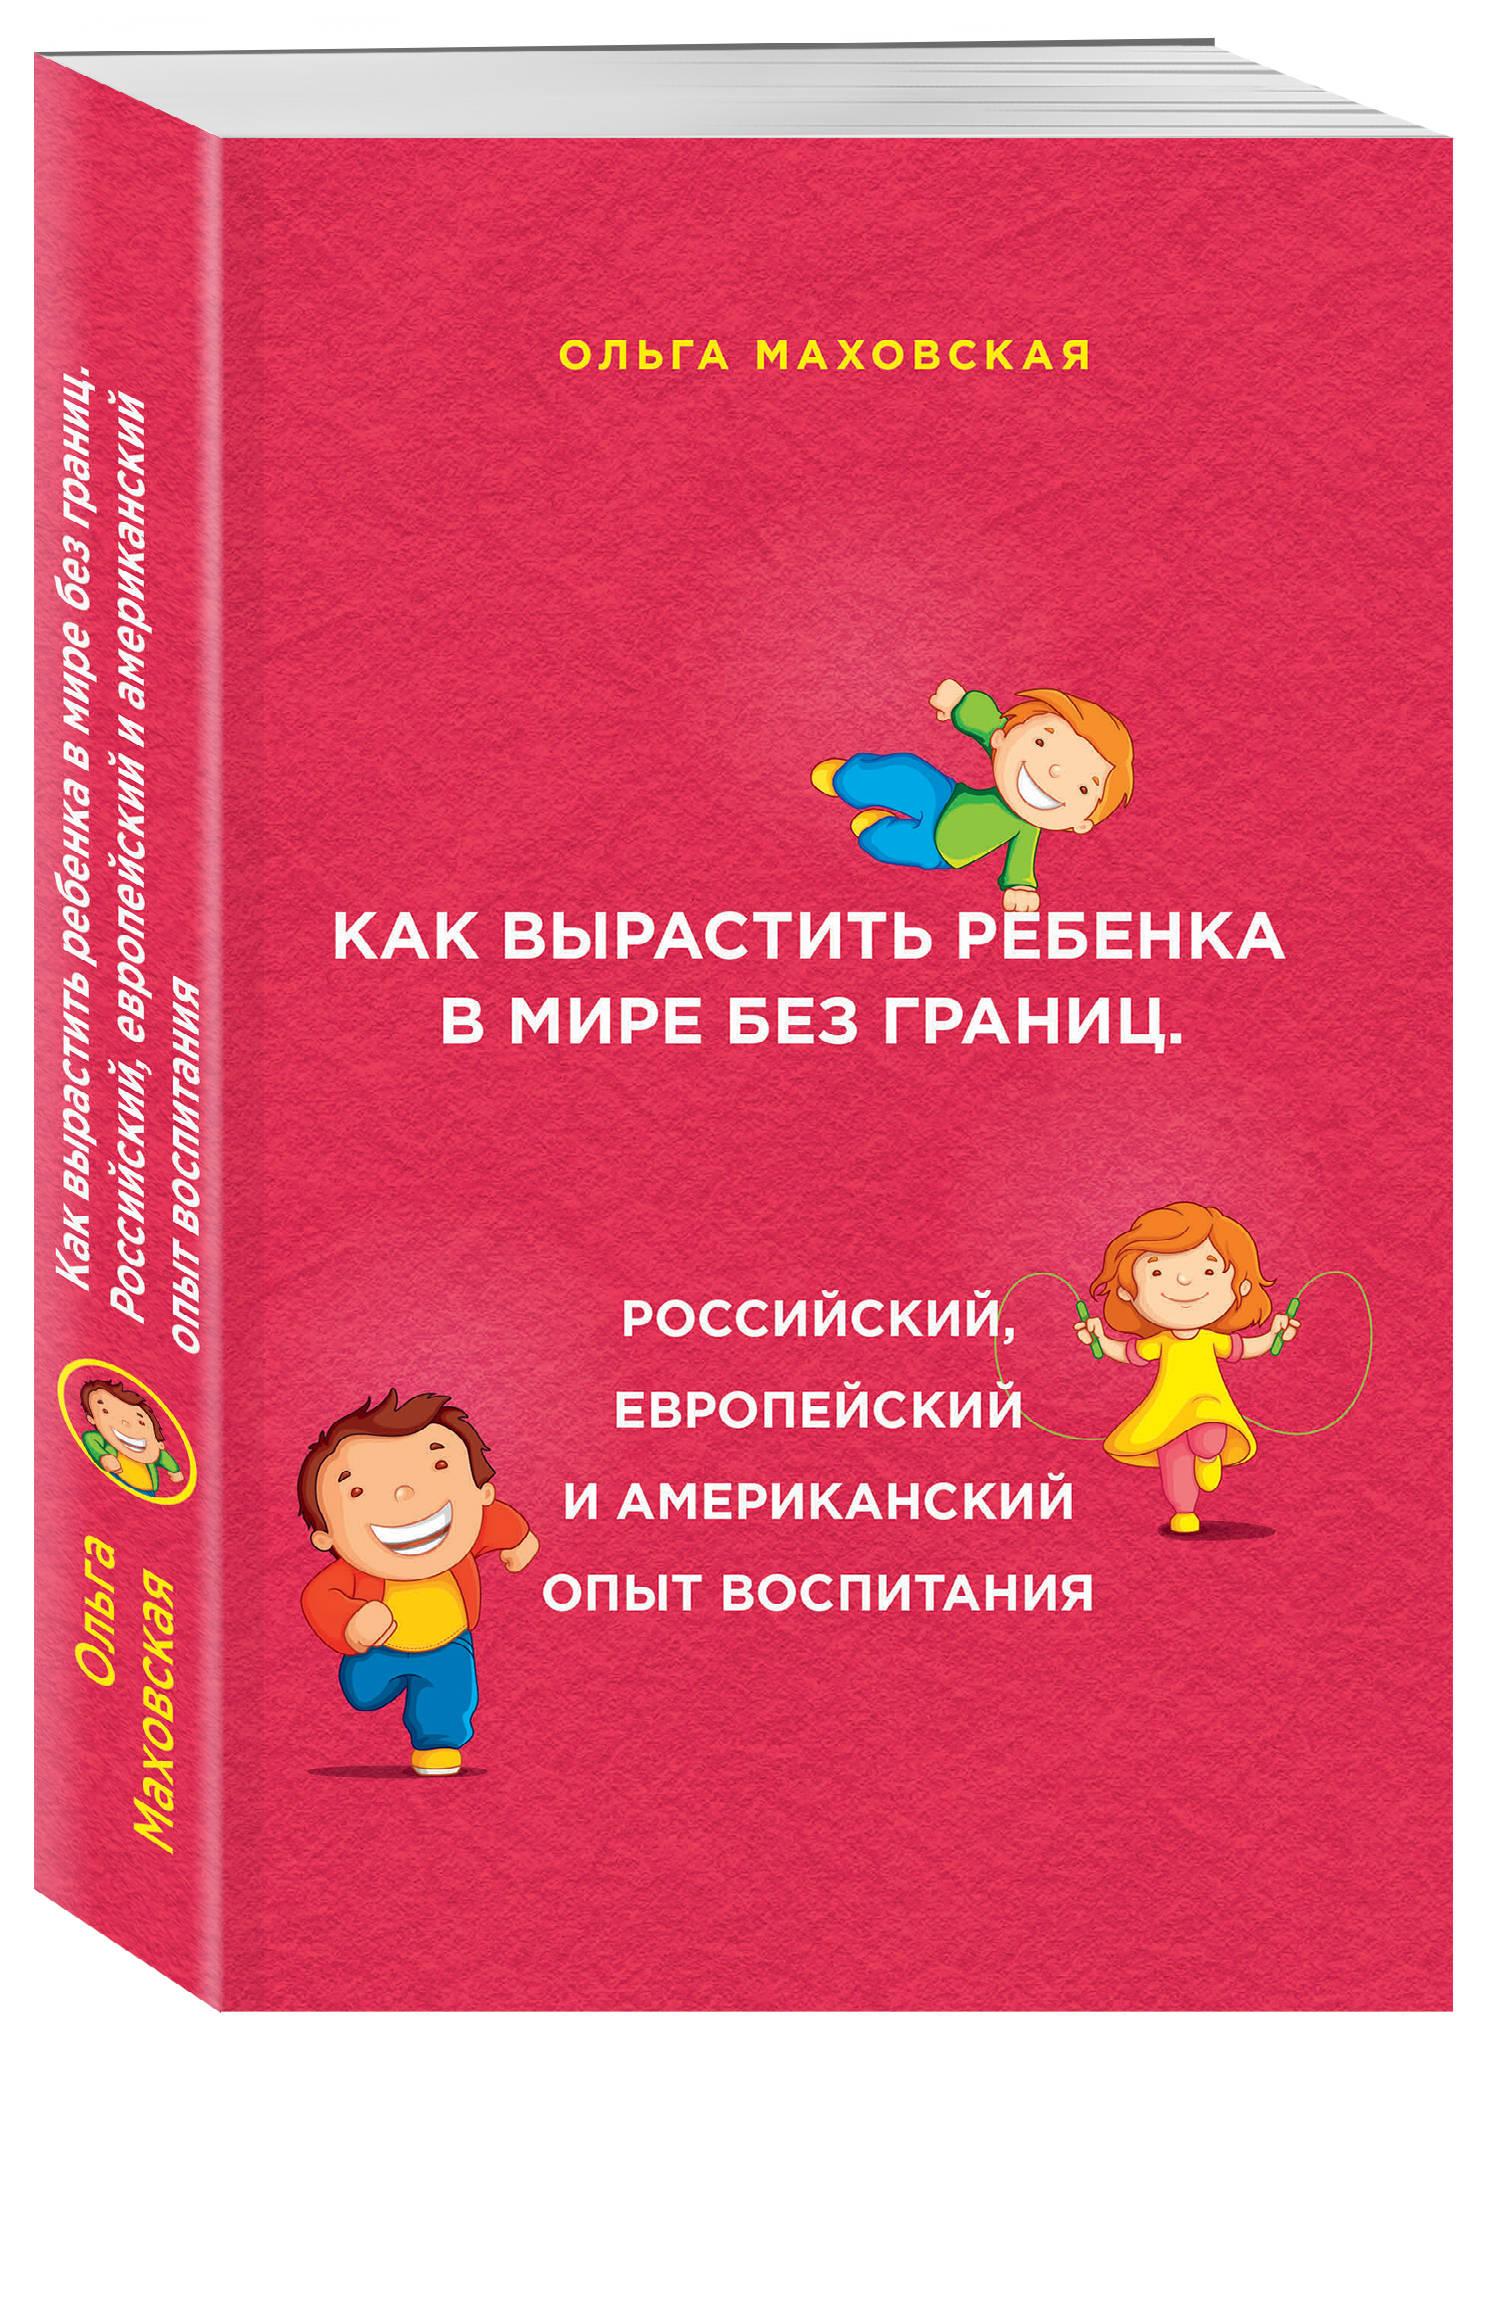 Маховская О. Как вырастить ребенка в мире без границ. Российский, европейский и американский опыт воспитания